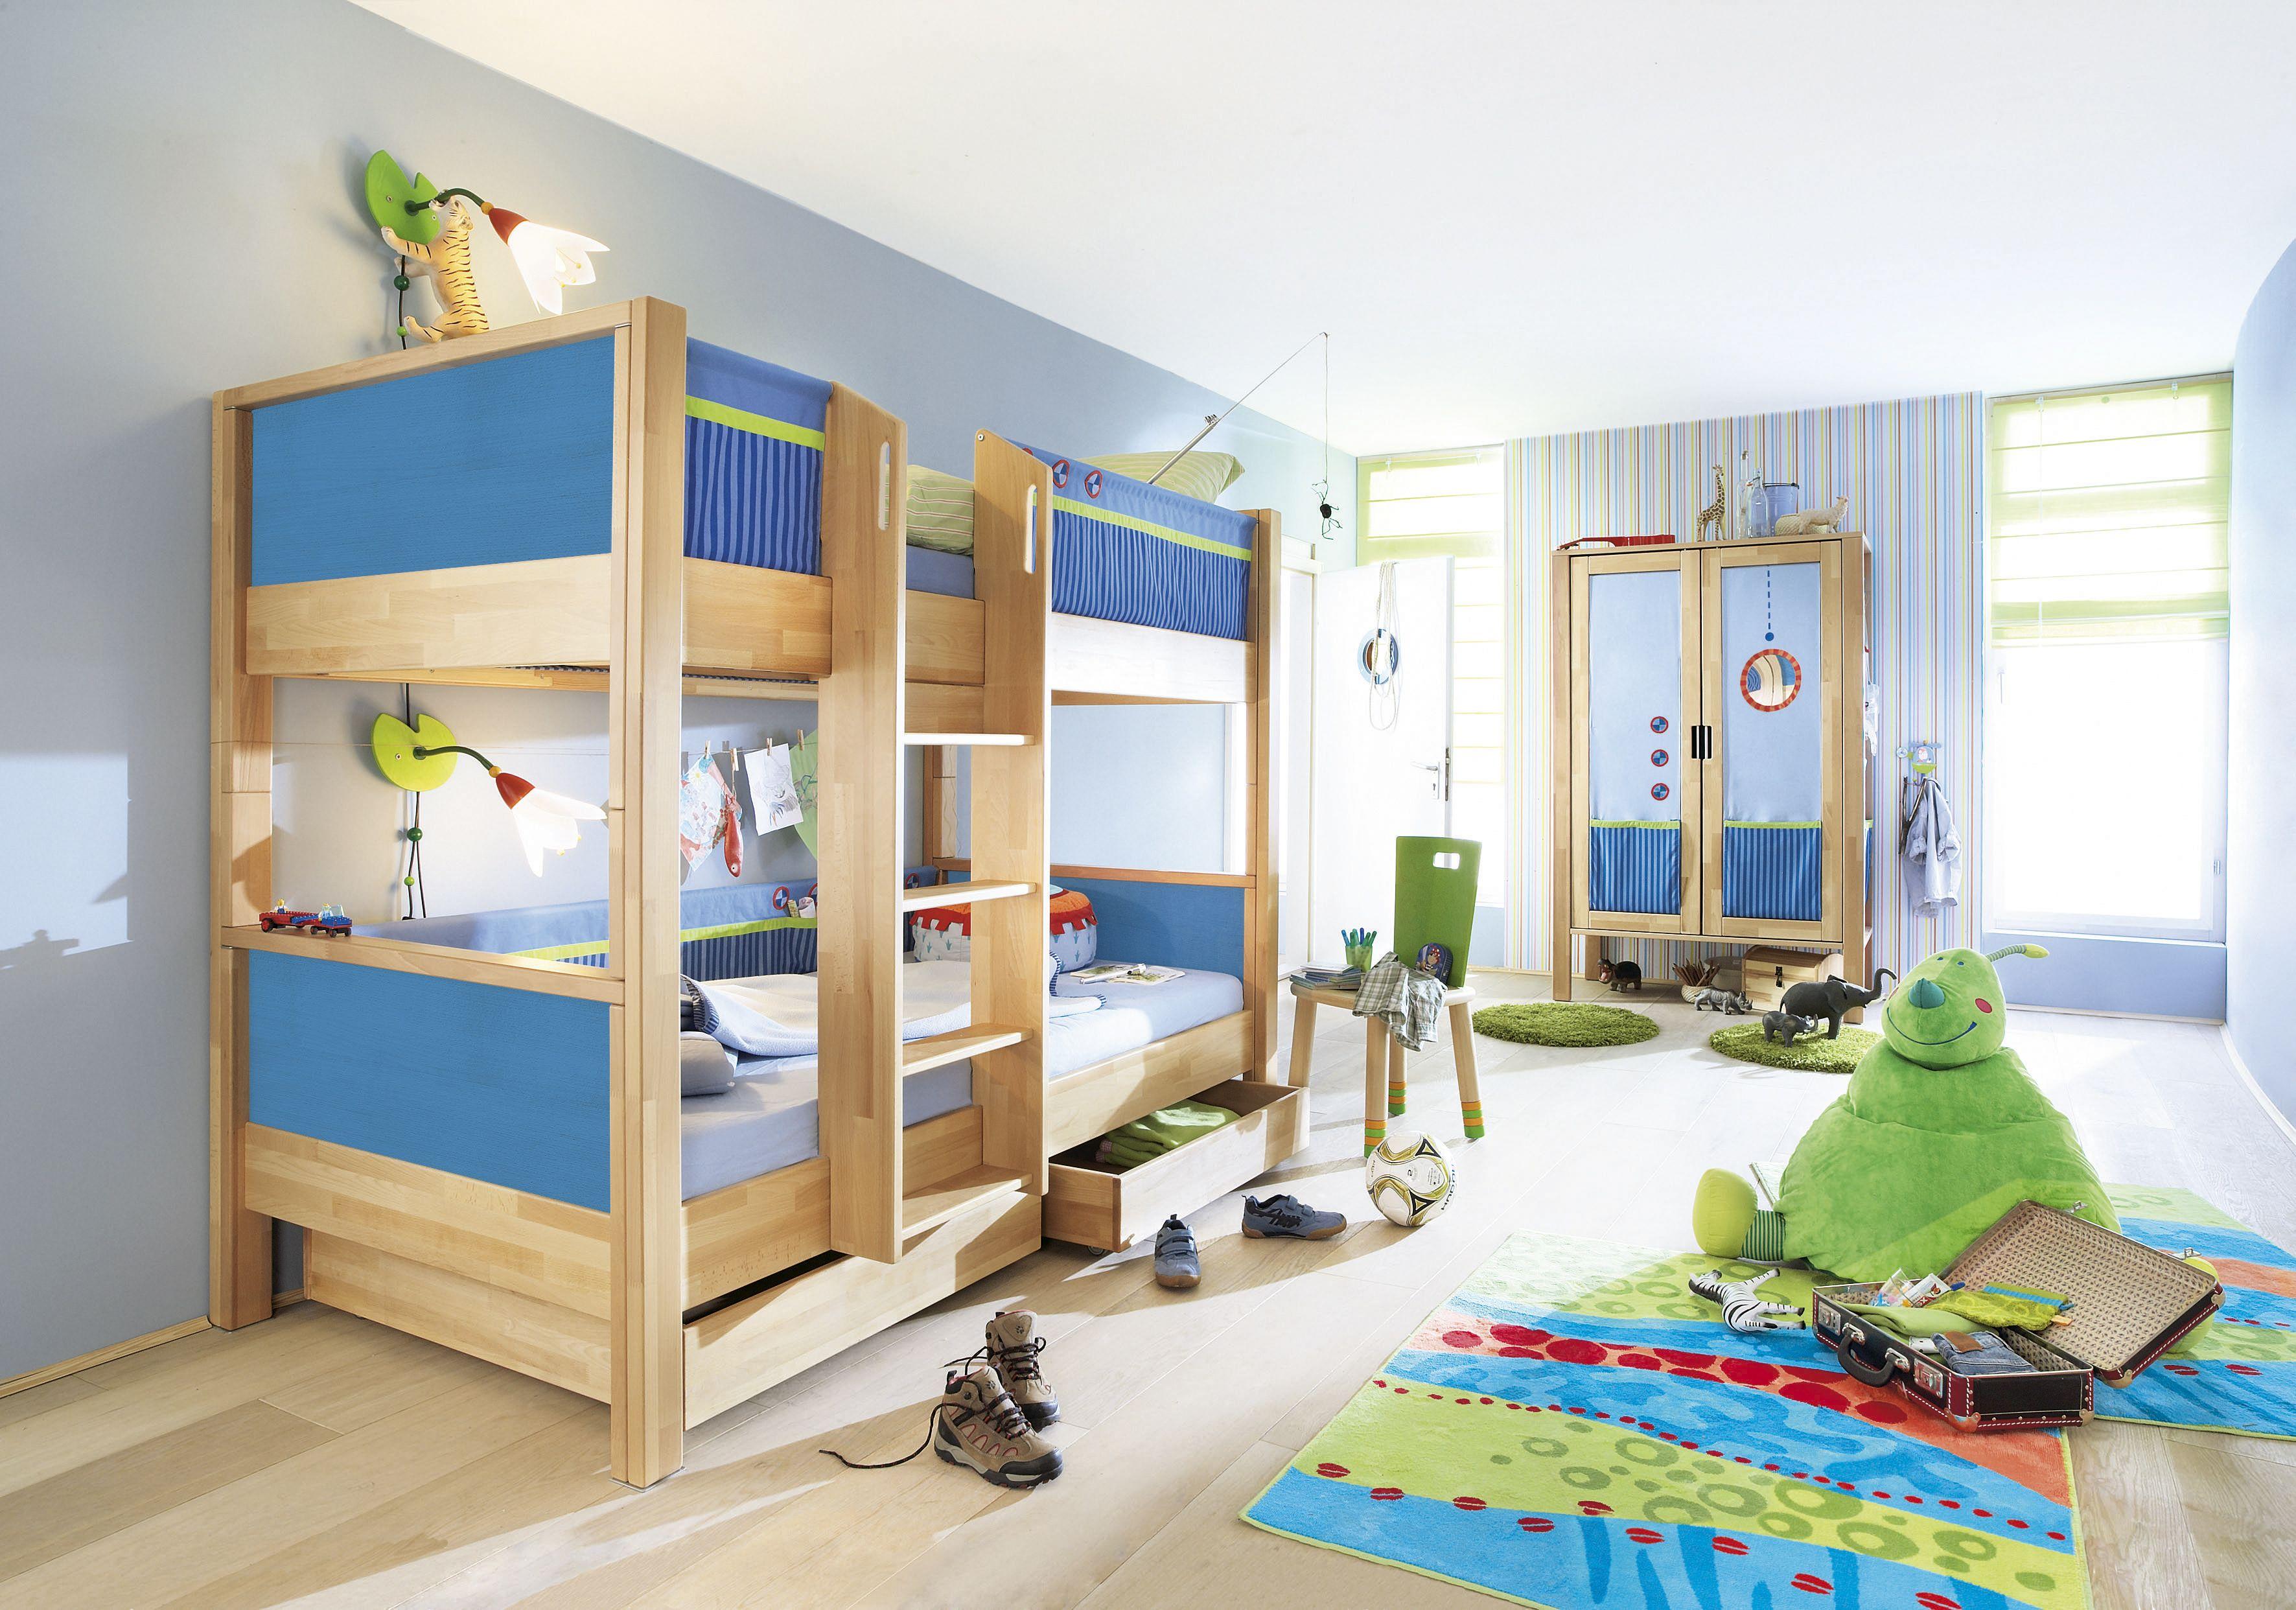 Beispiel Kinderzimmer Aus Der Matti Serie Von Haba Bett Ideen Etagenbett Bett